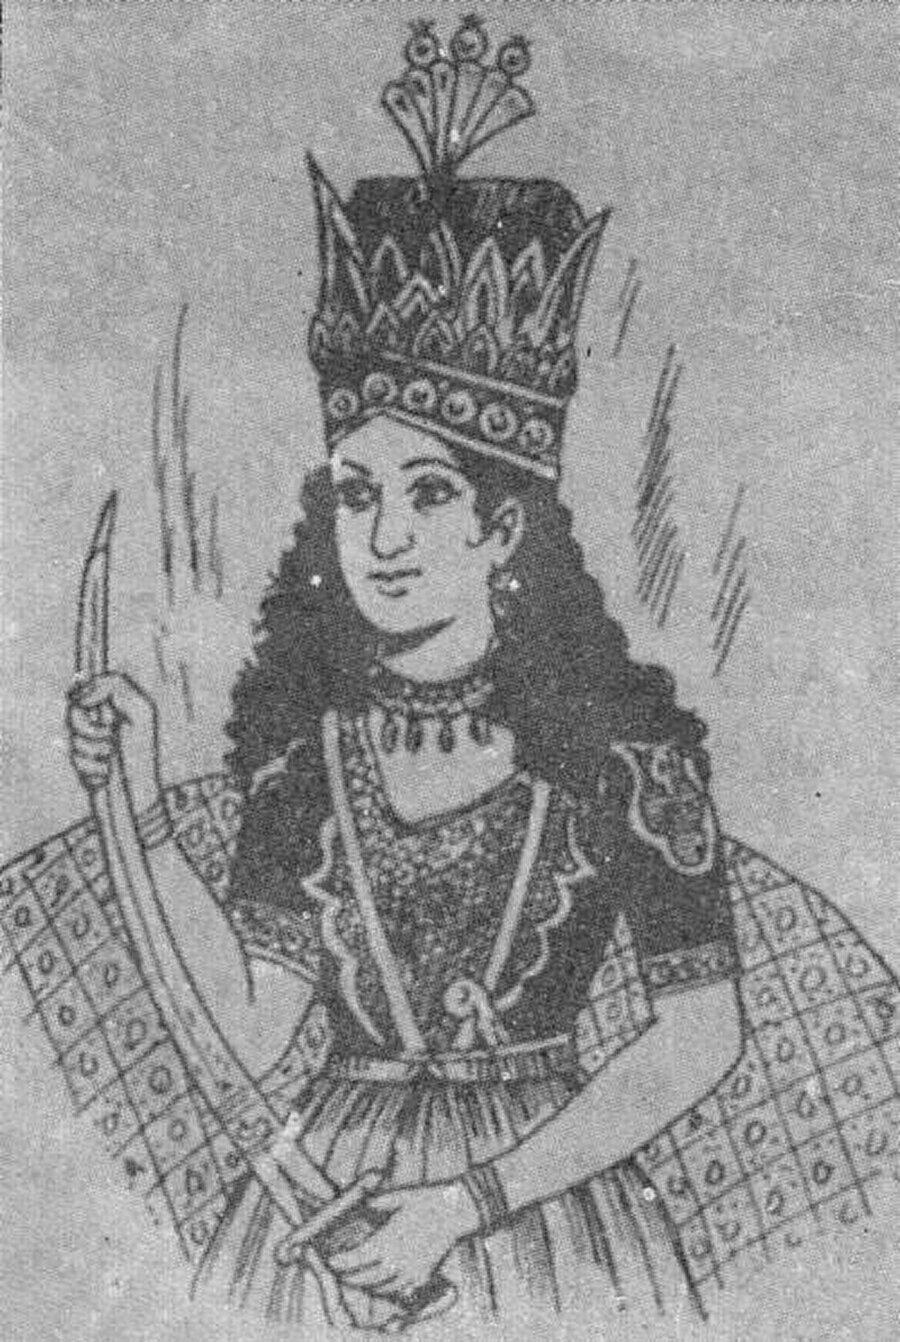 Raziye Sultan Hindistan'ın ilk Müslüman kadın hükümdarı olduğu gibi, Türk-İslam tarihinin de en önemli şahsiyetlerinden birisi olarak kabul edilmektedir.